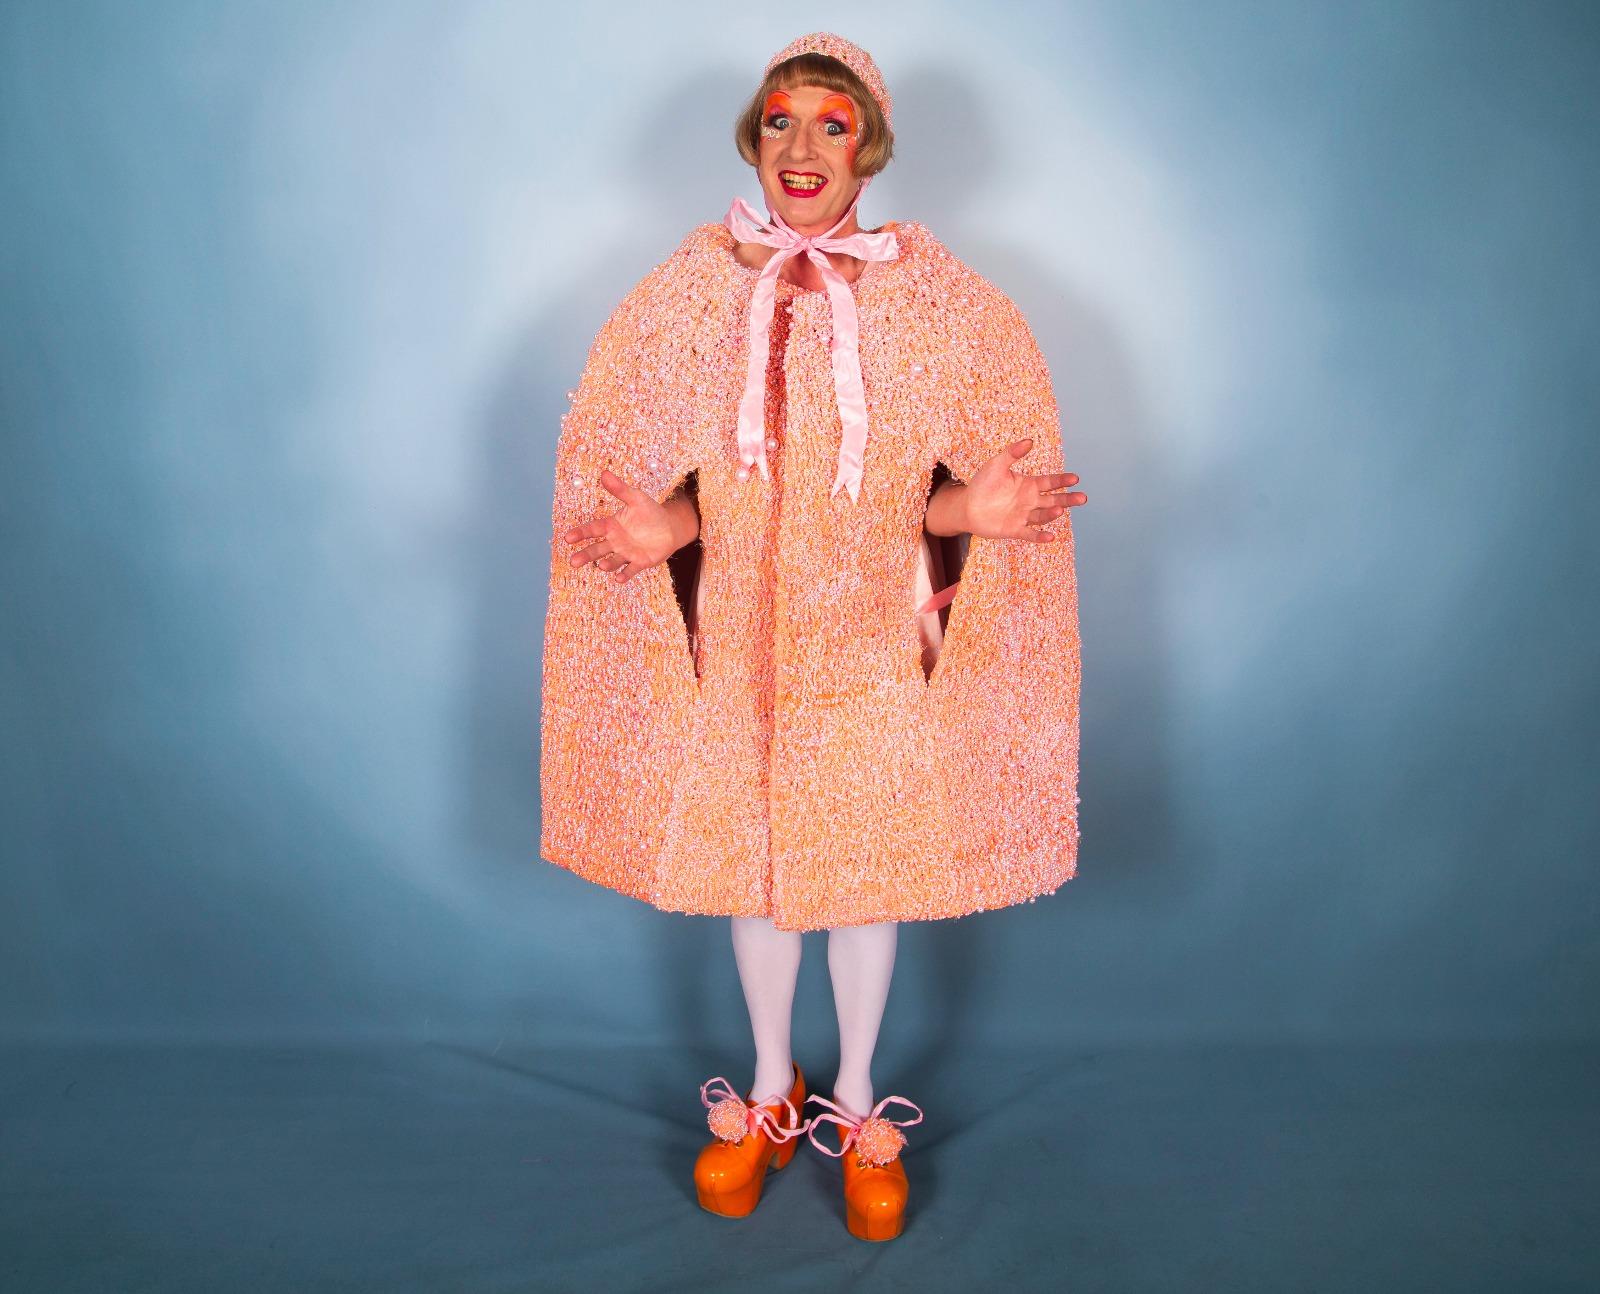 Grayson's Robes 2018 photo by David Poultney